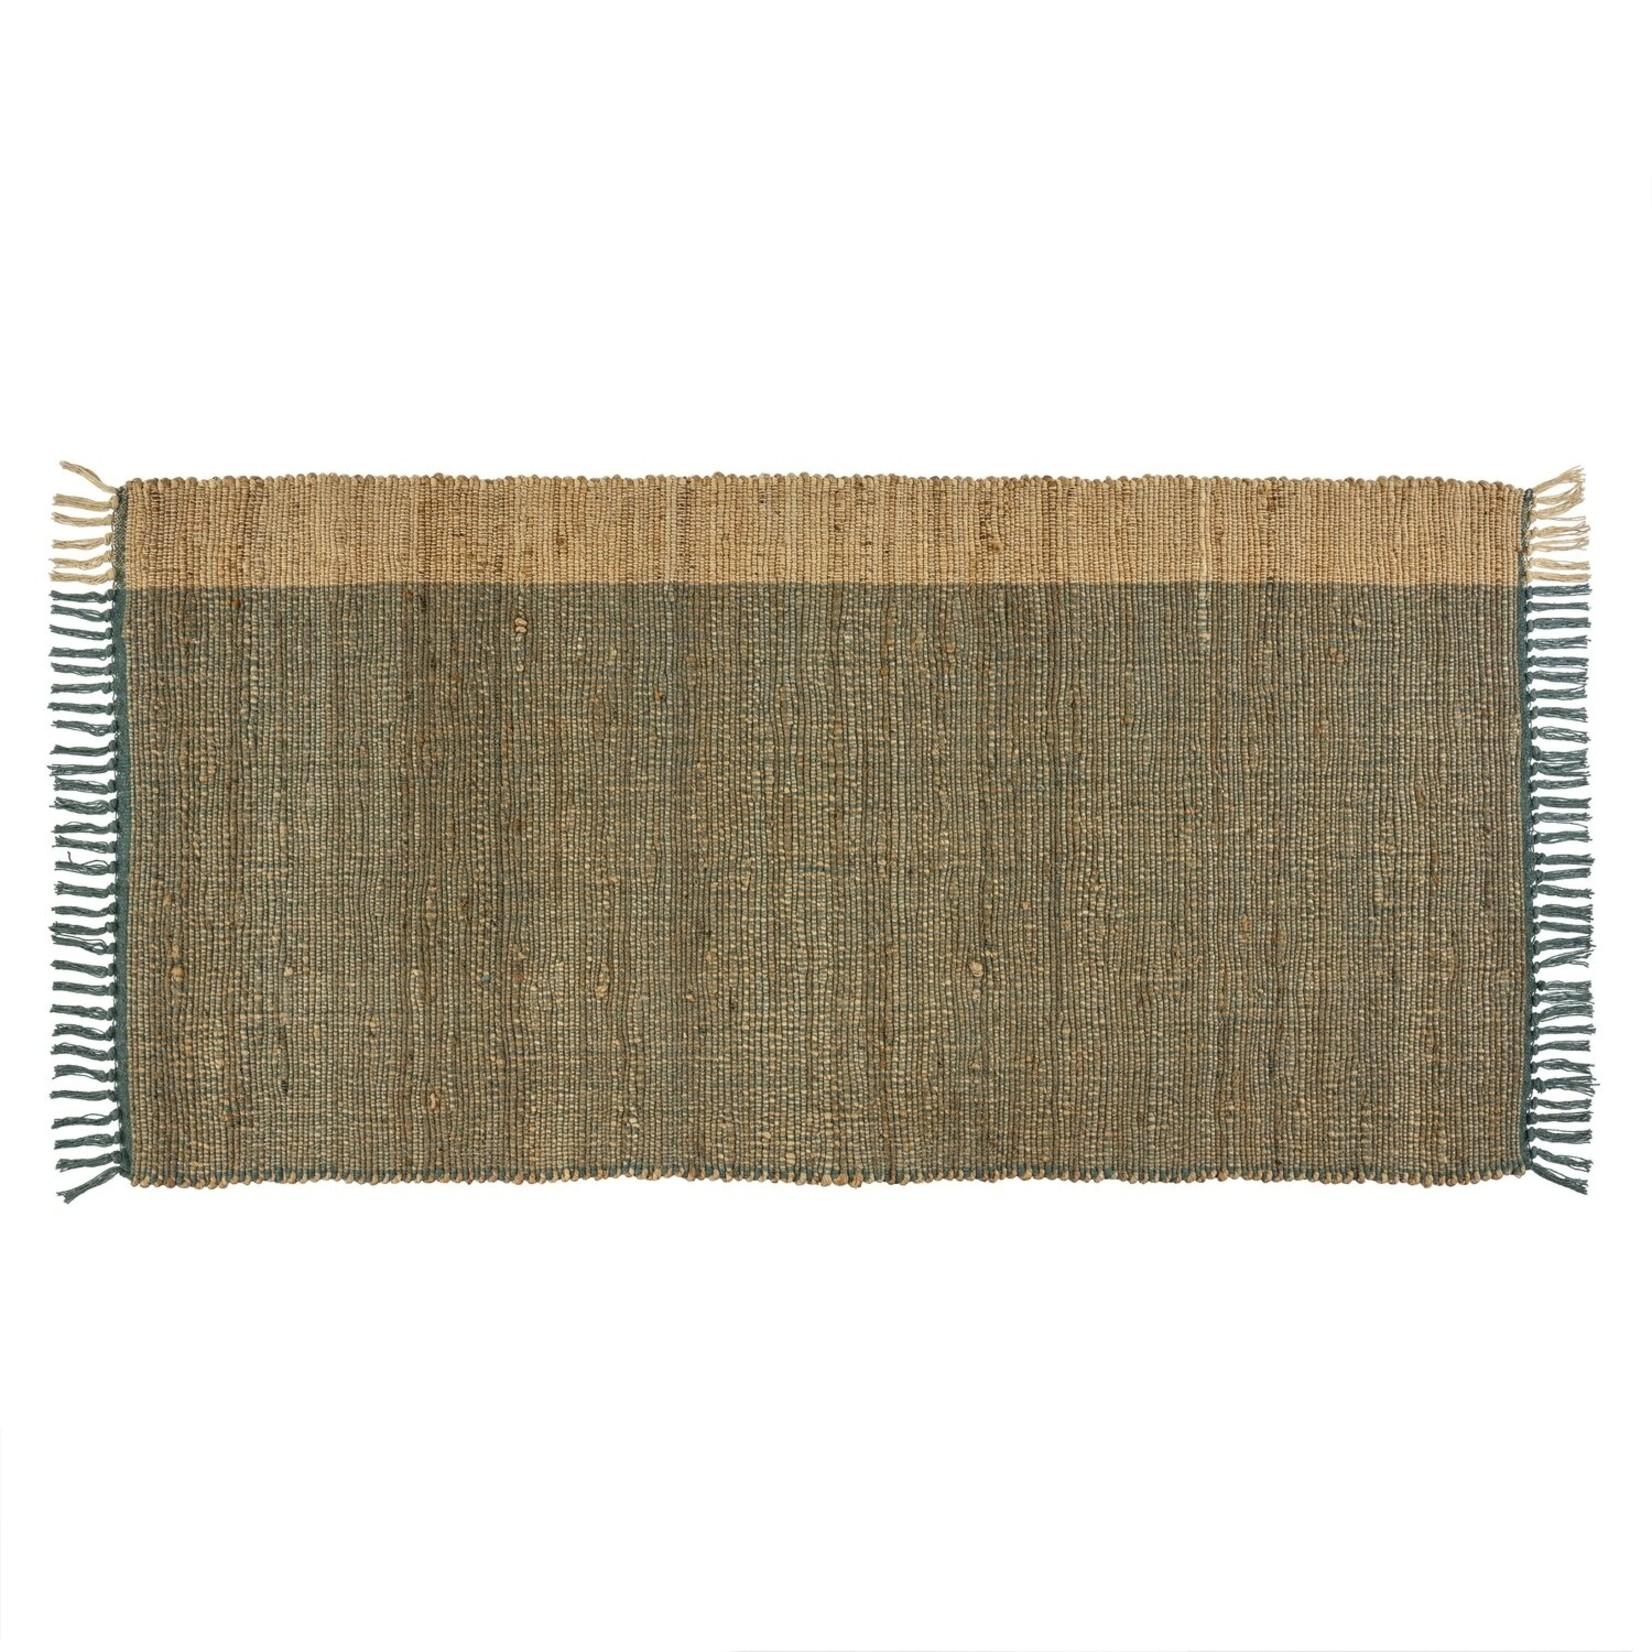 Indaba Side Stripe Jute Rug - Ocean